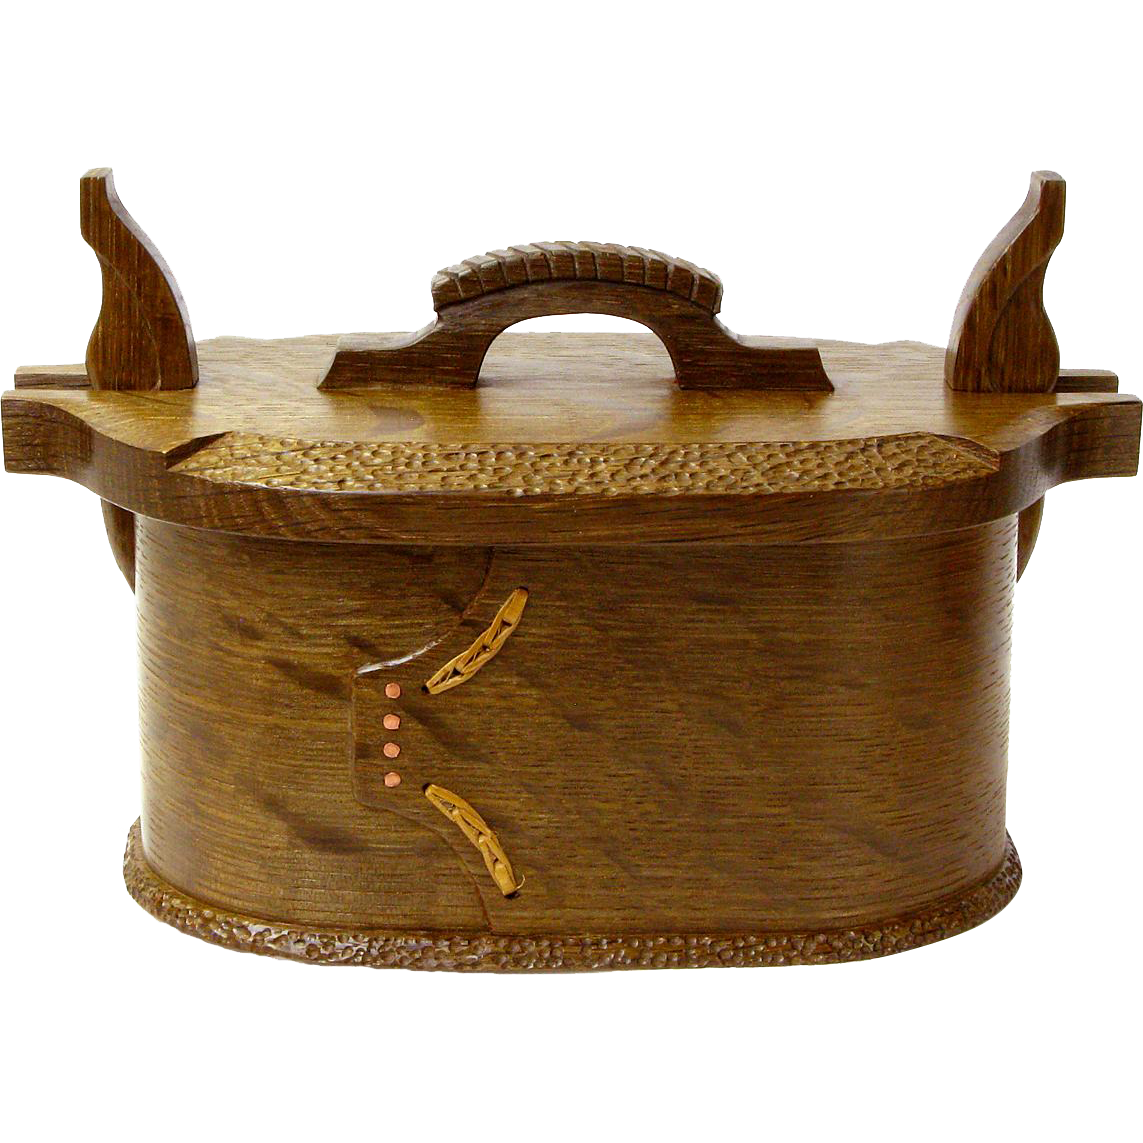 Norwegian Style Artisan Crafted White Oak Bent Wood Box, Tine, Norwegian Lunch Box